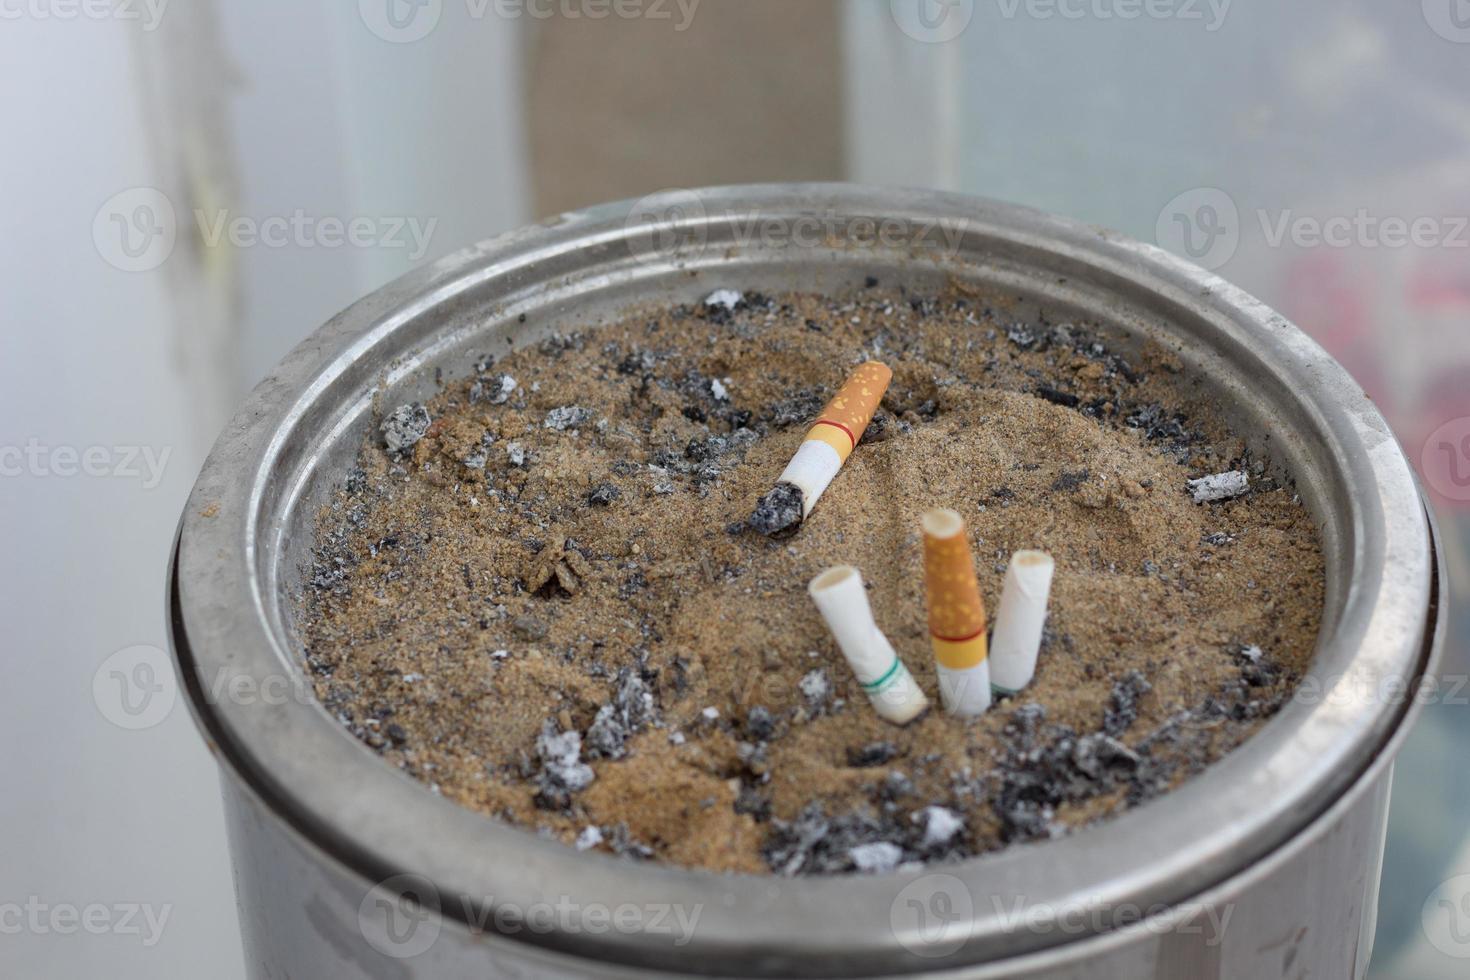 posacenere con sigaretta foto